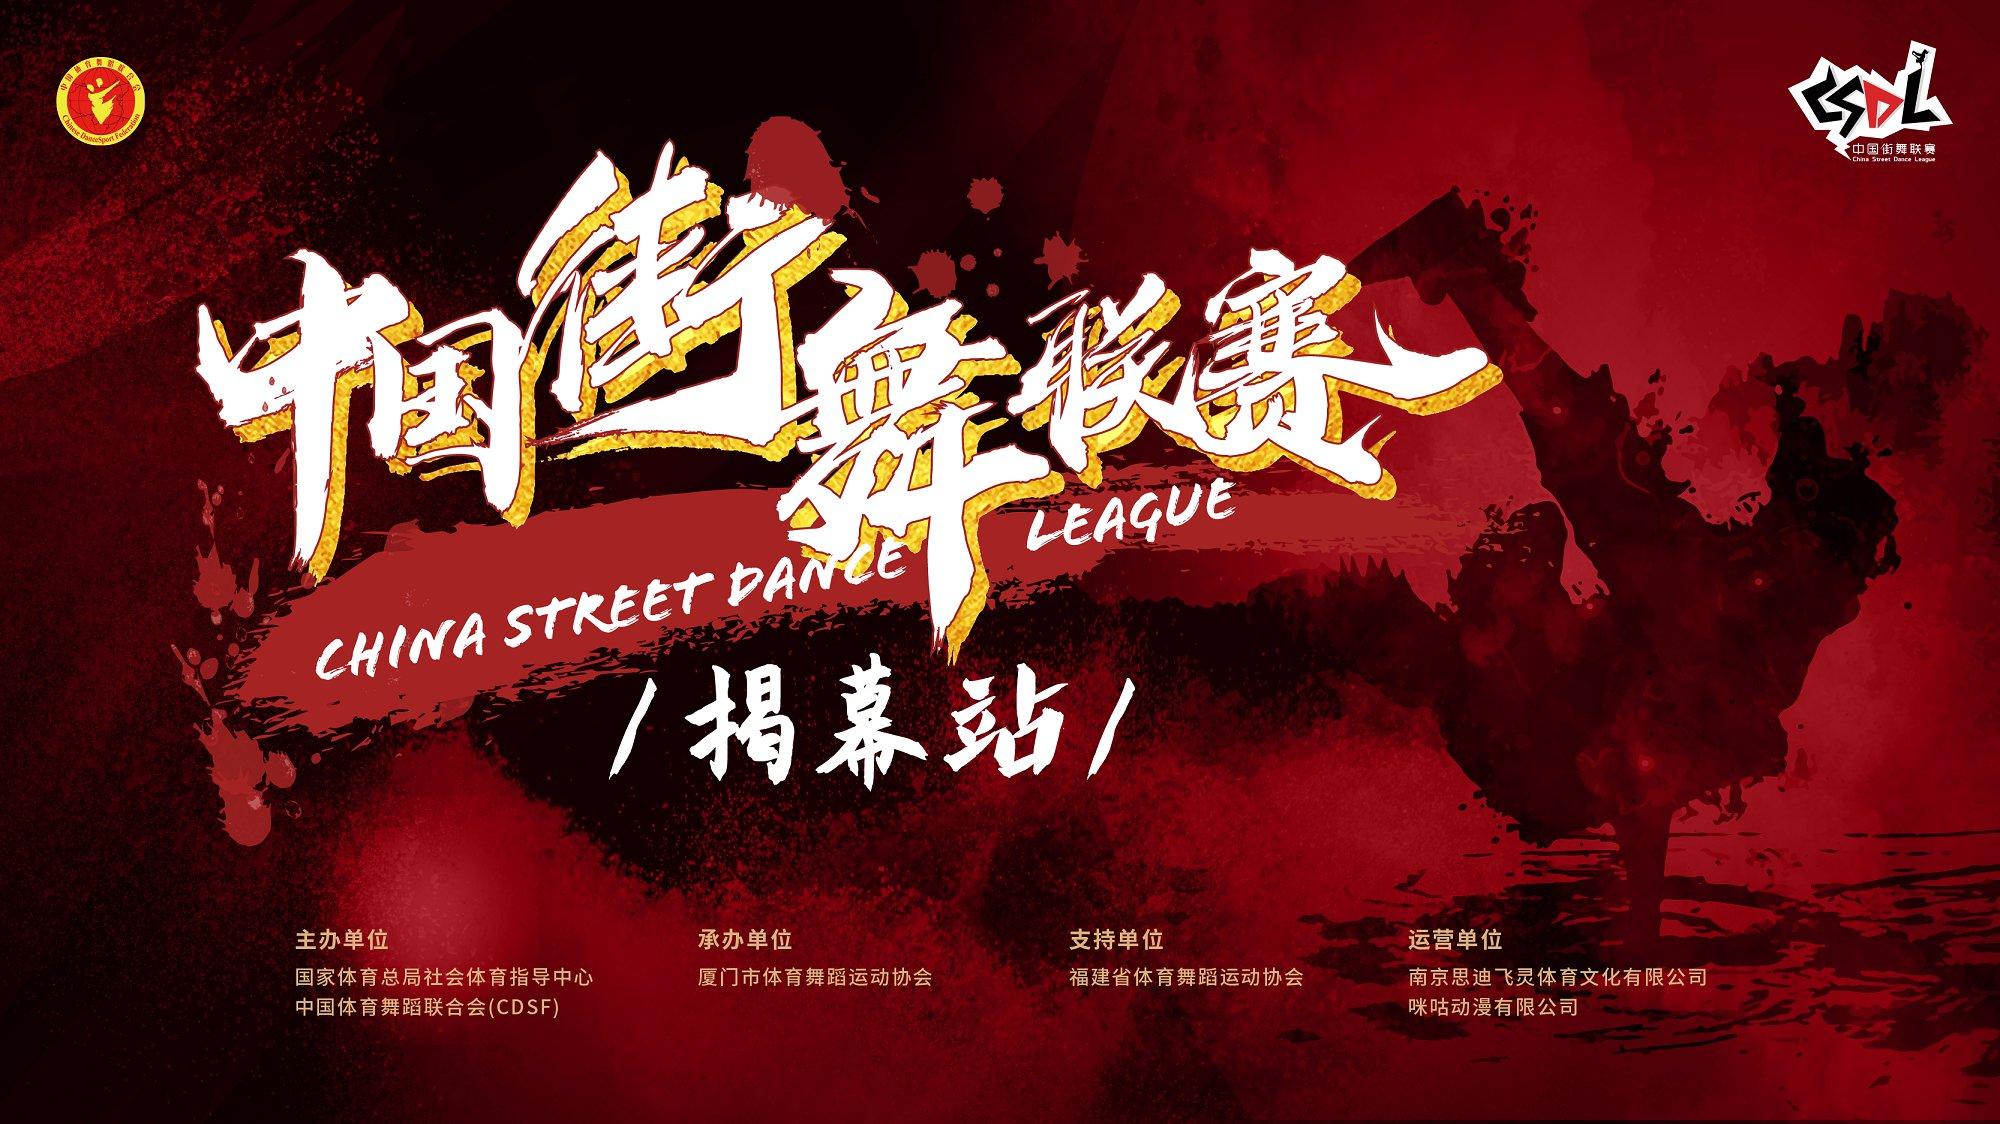 2019-2020年度中國街舞聯賽(揭幕站)